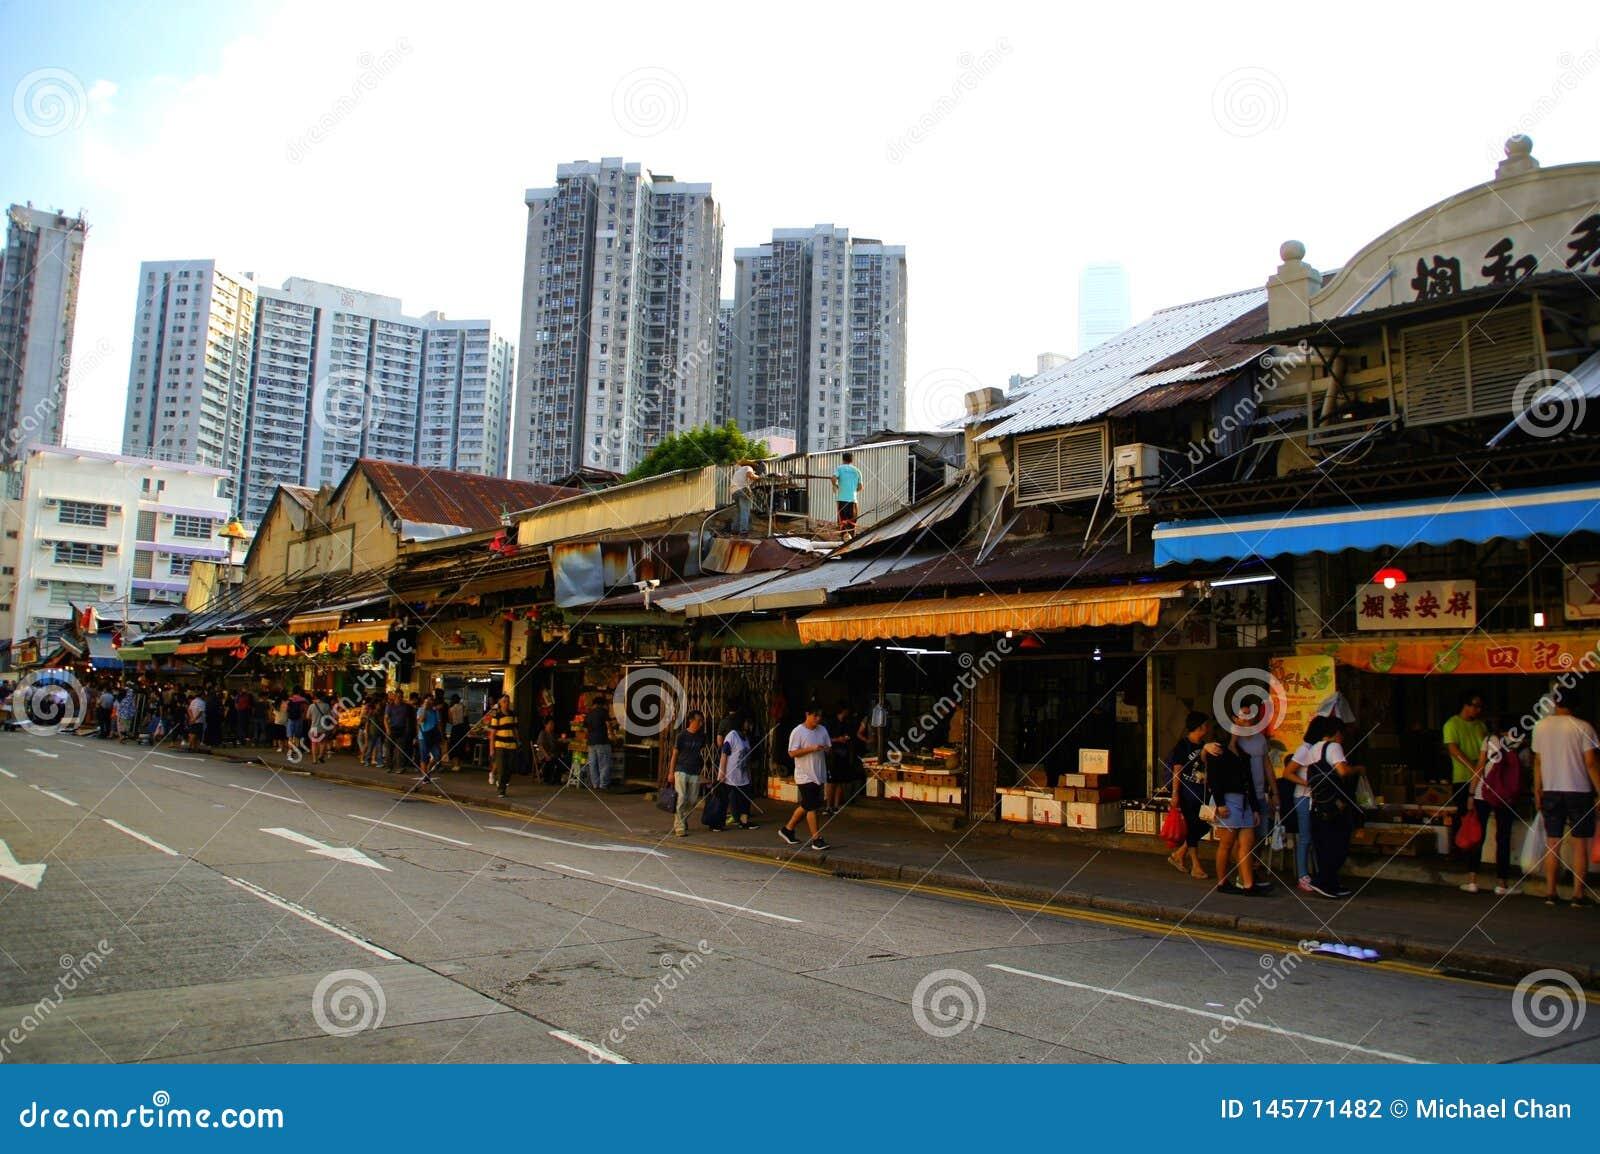 Mercado de Yau Ma Tei Wholesale Fruit